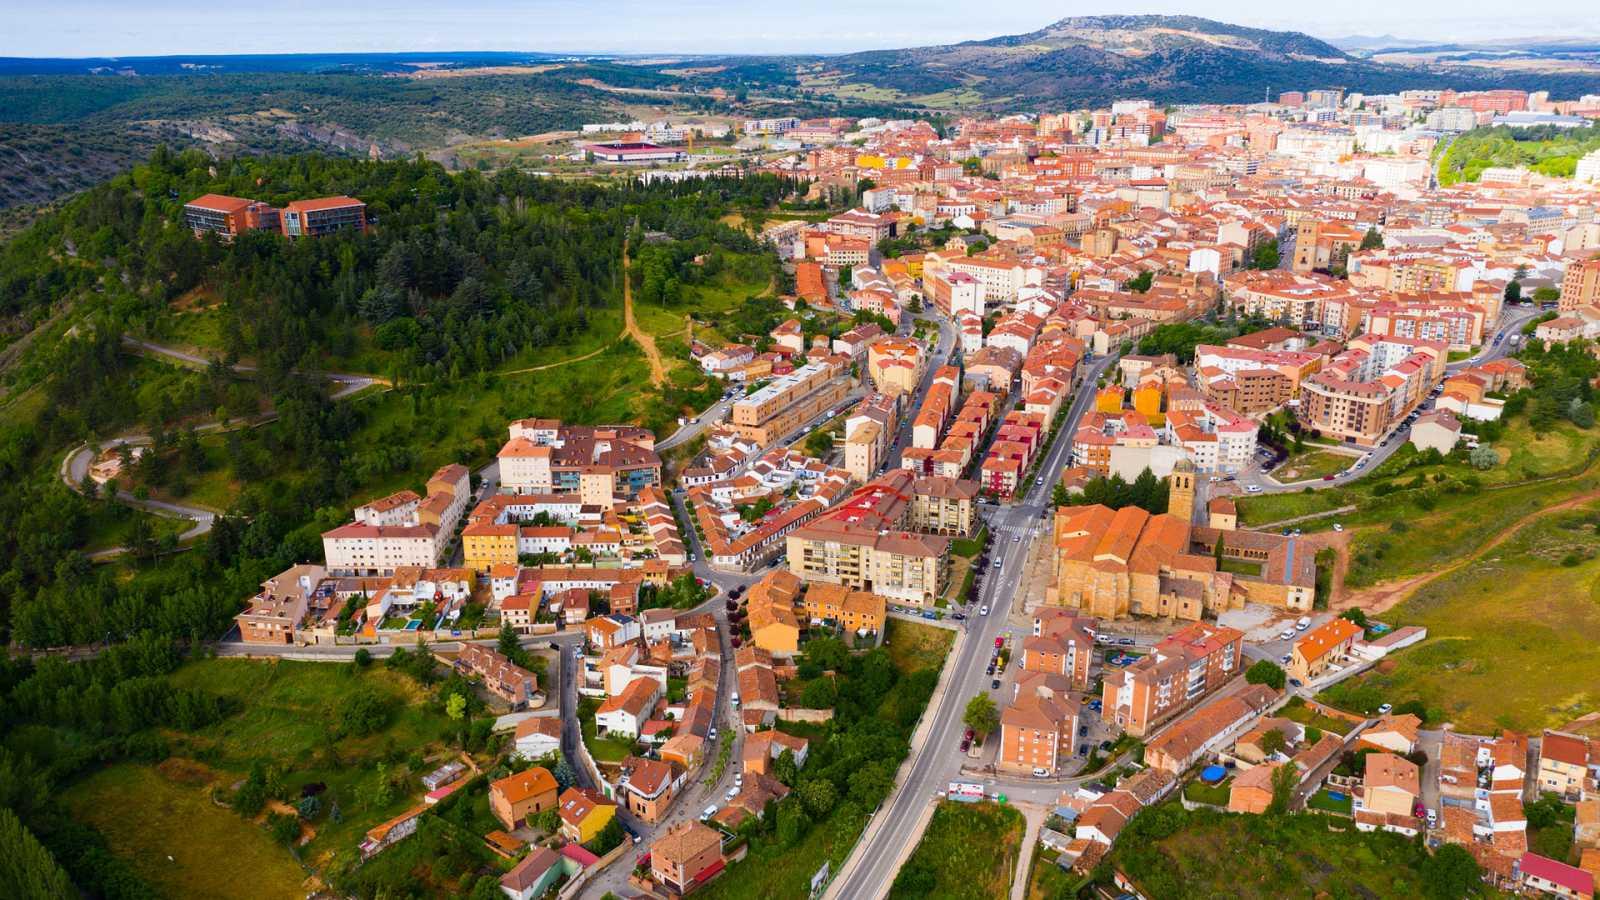 Un país mágico - Soria - ver ahora